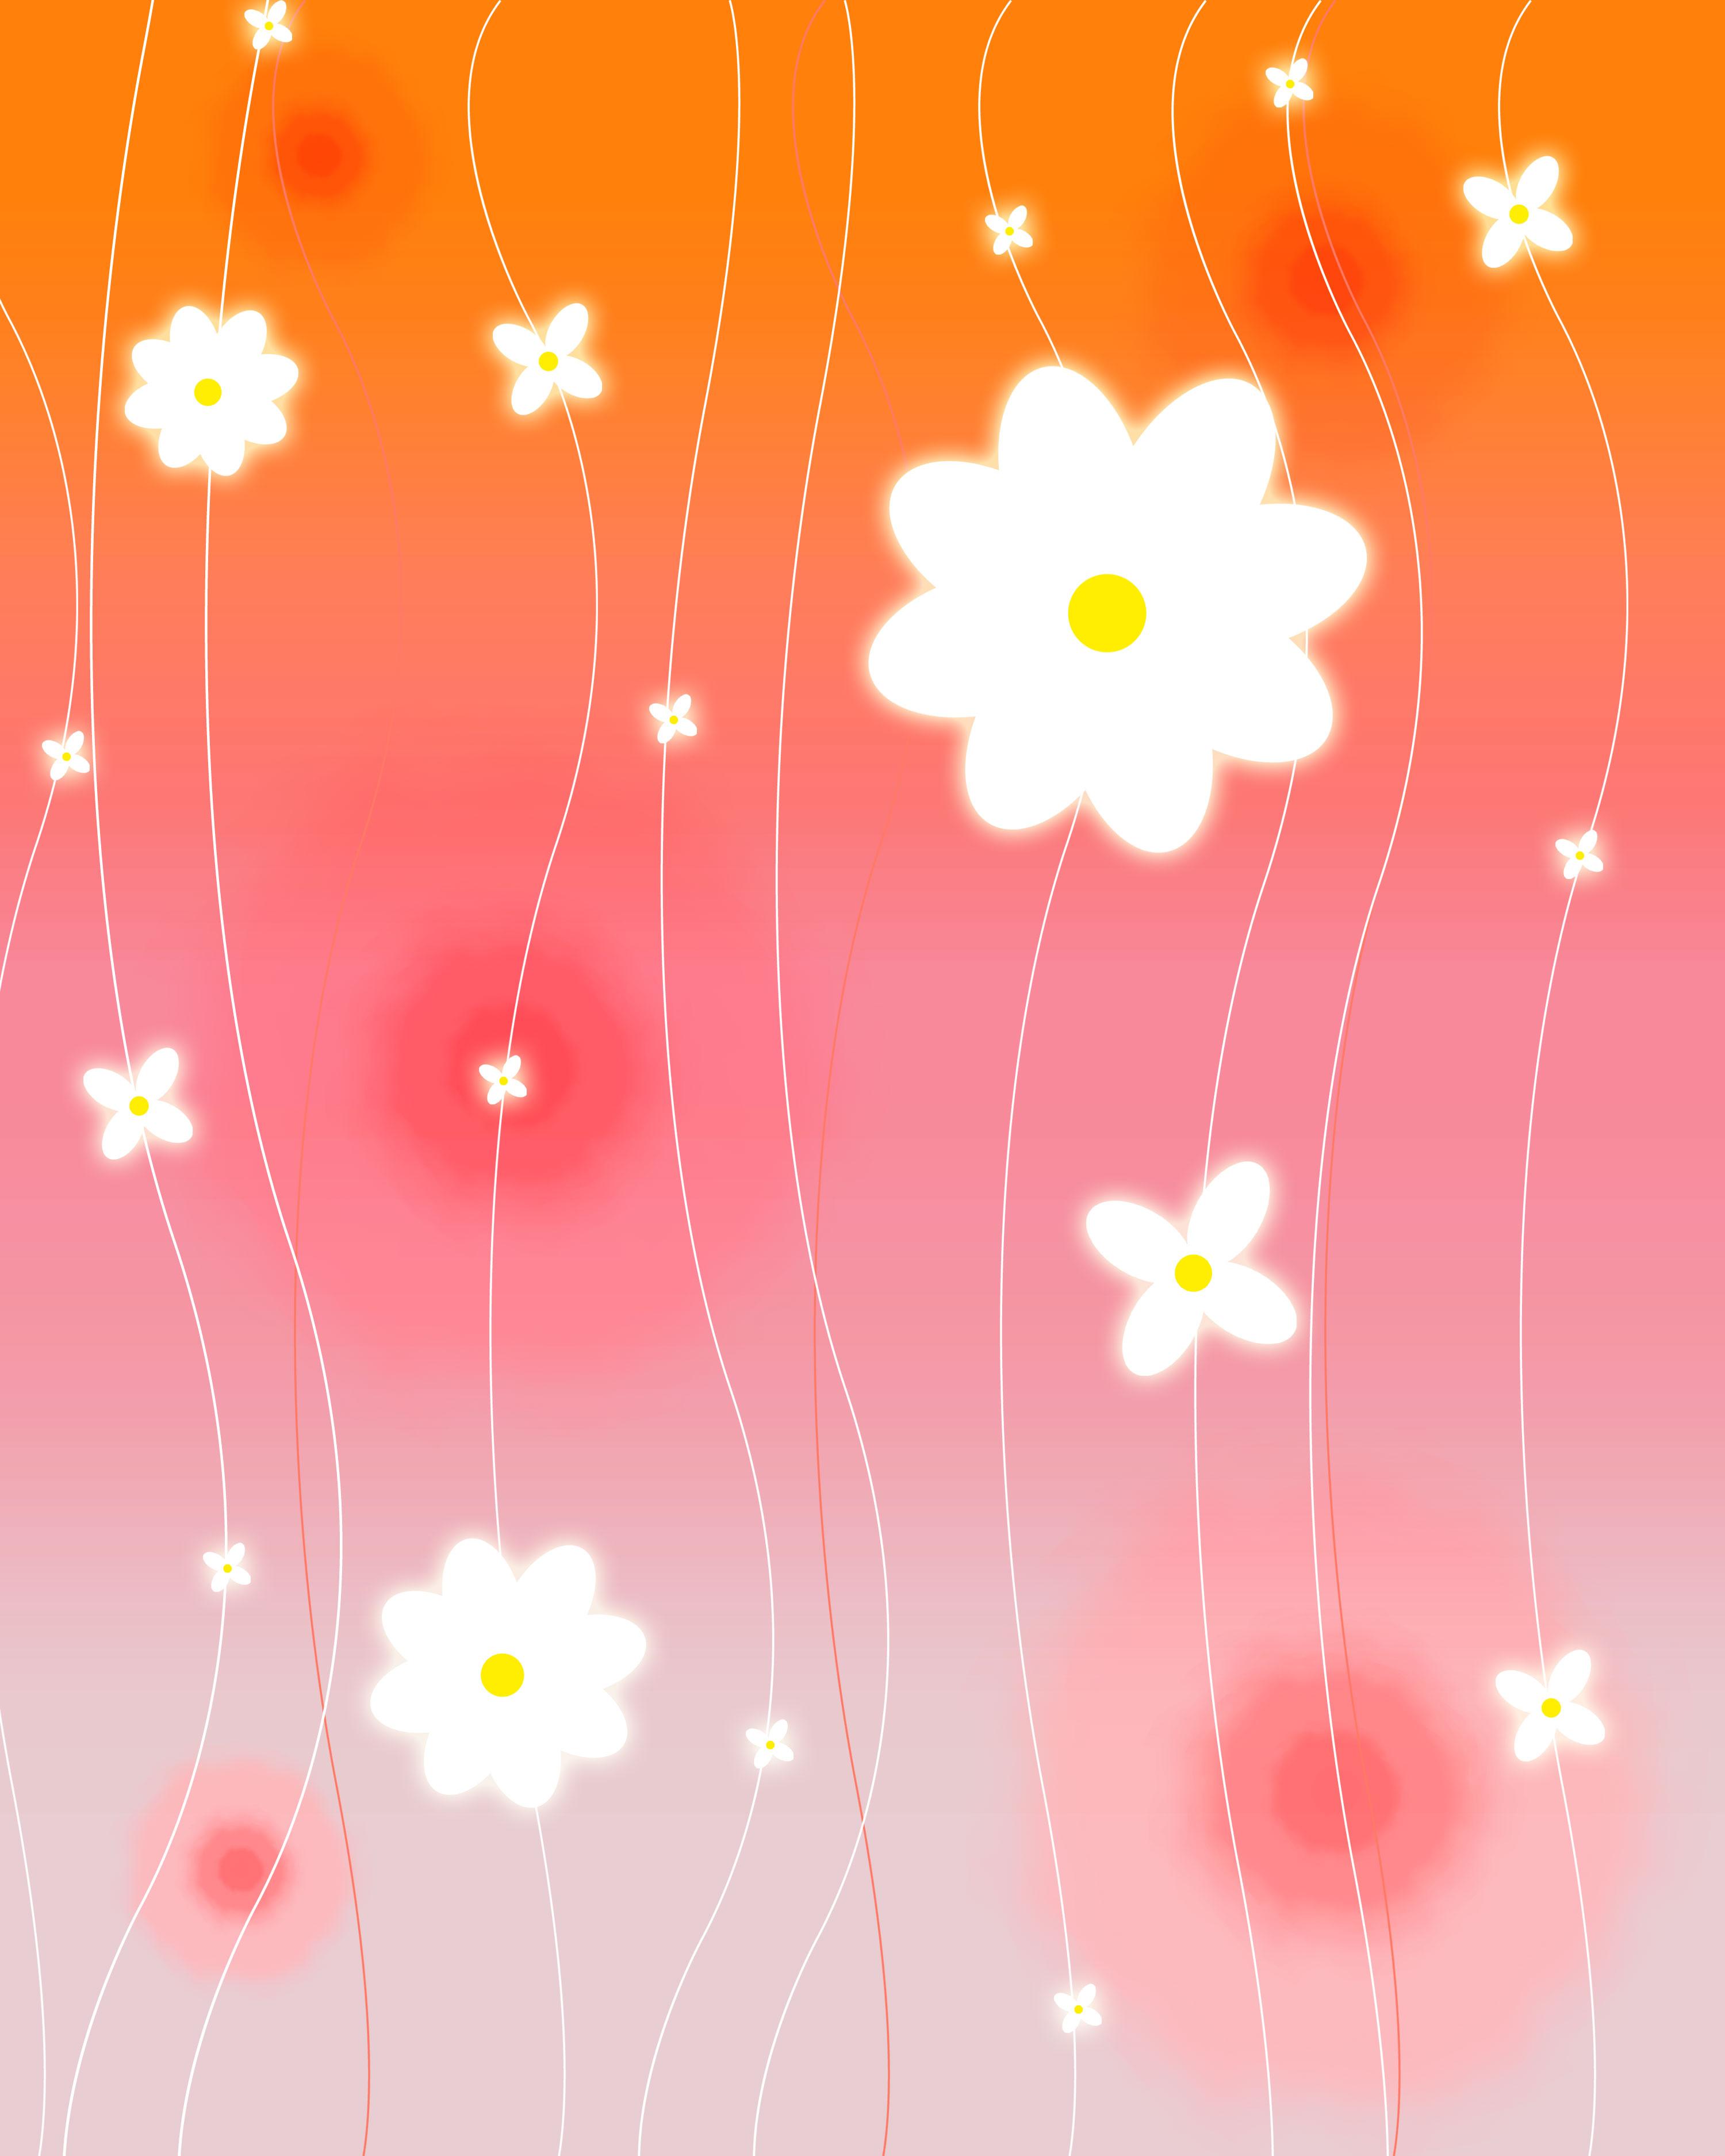 花のイラスト フリー素材 壁紙 背景no 019 赤白 淡い光